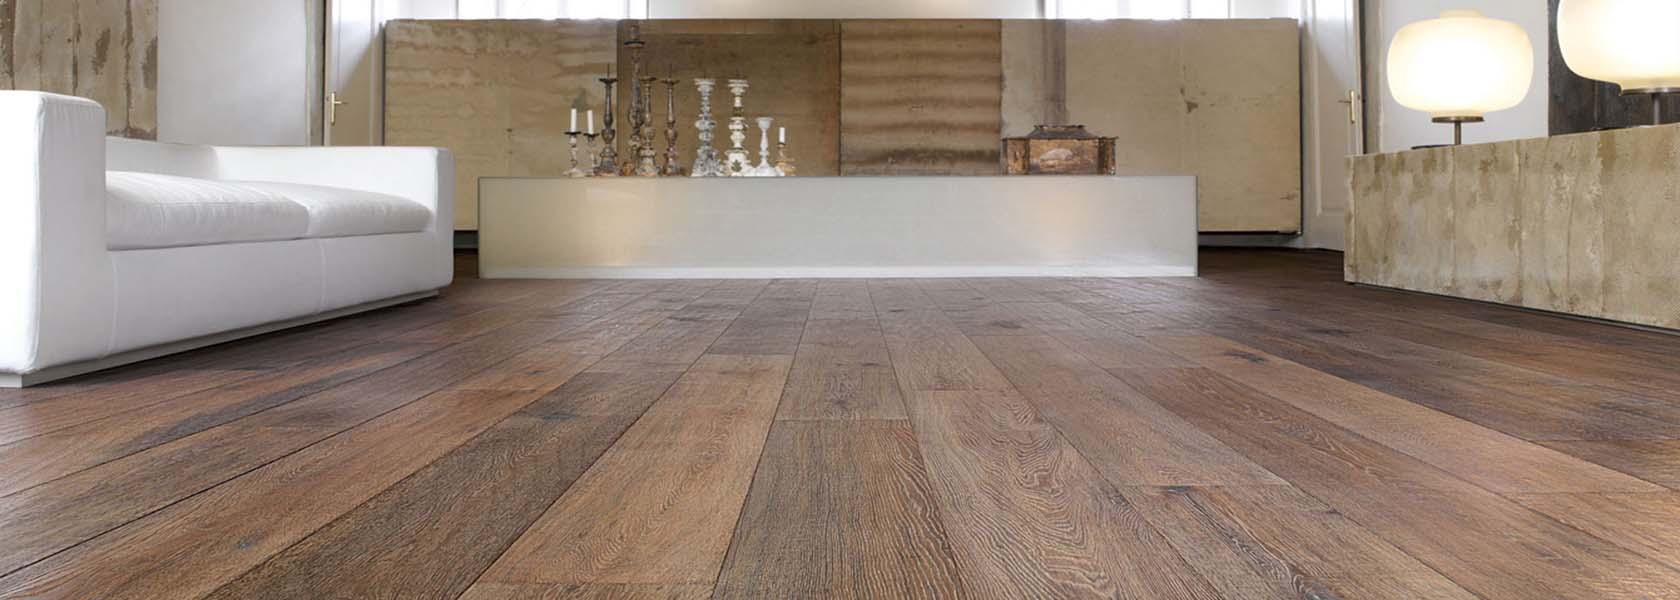 Colorare Pavimento In Cotto pavimento laminato lugano - rivestimenti pavimenti milano